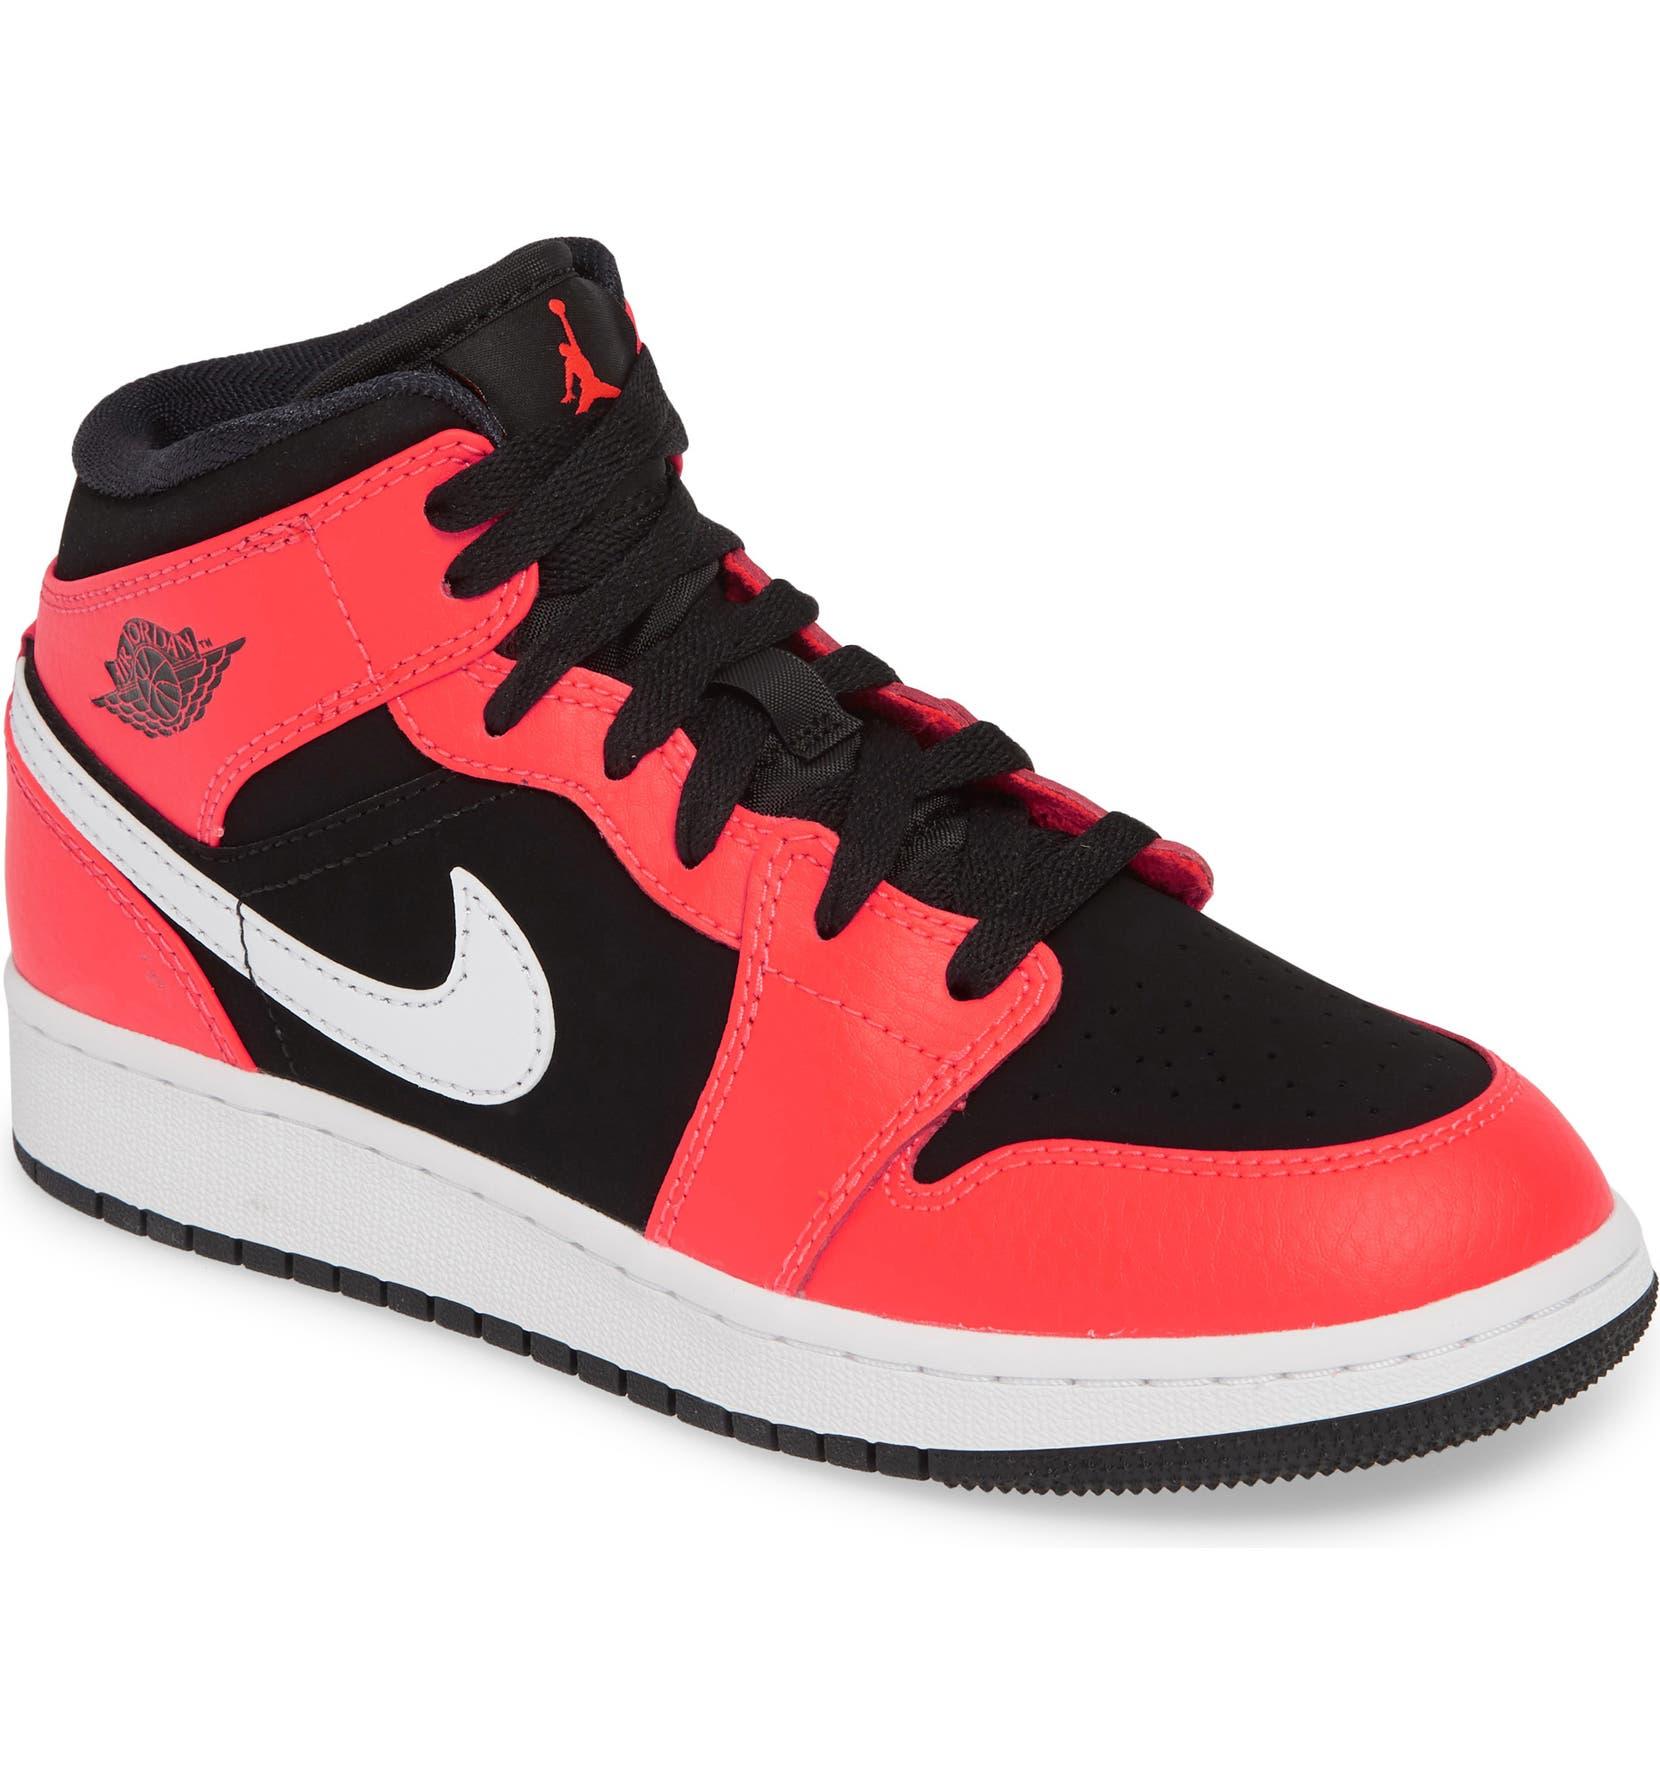 outlet store b3c25 c4496 Nike  Air Jordan 1 Mid  Sneaker (Big Kid)   Nordstrom